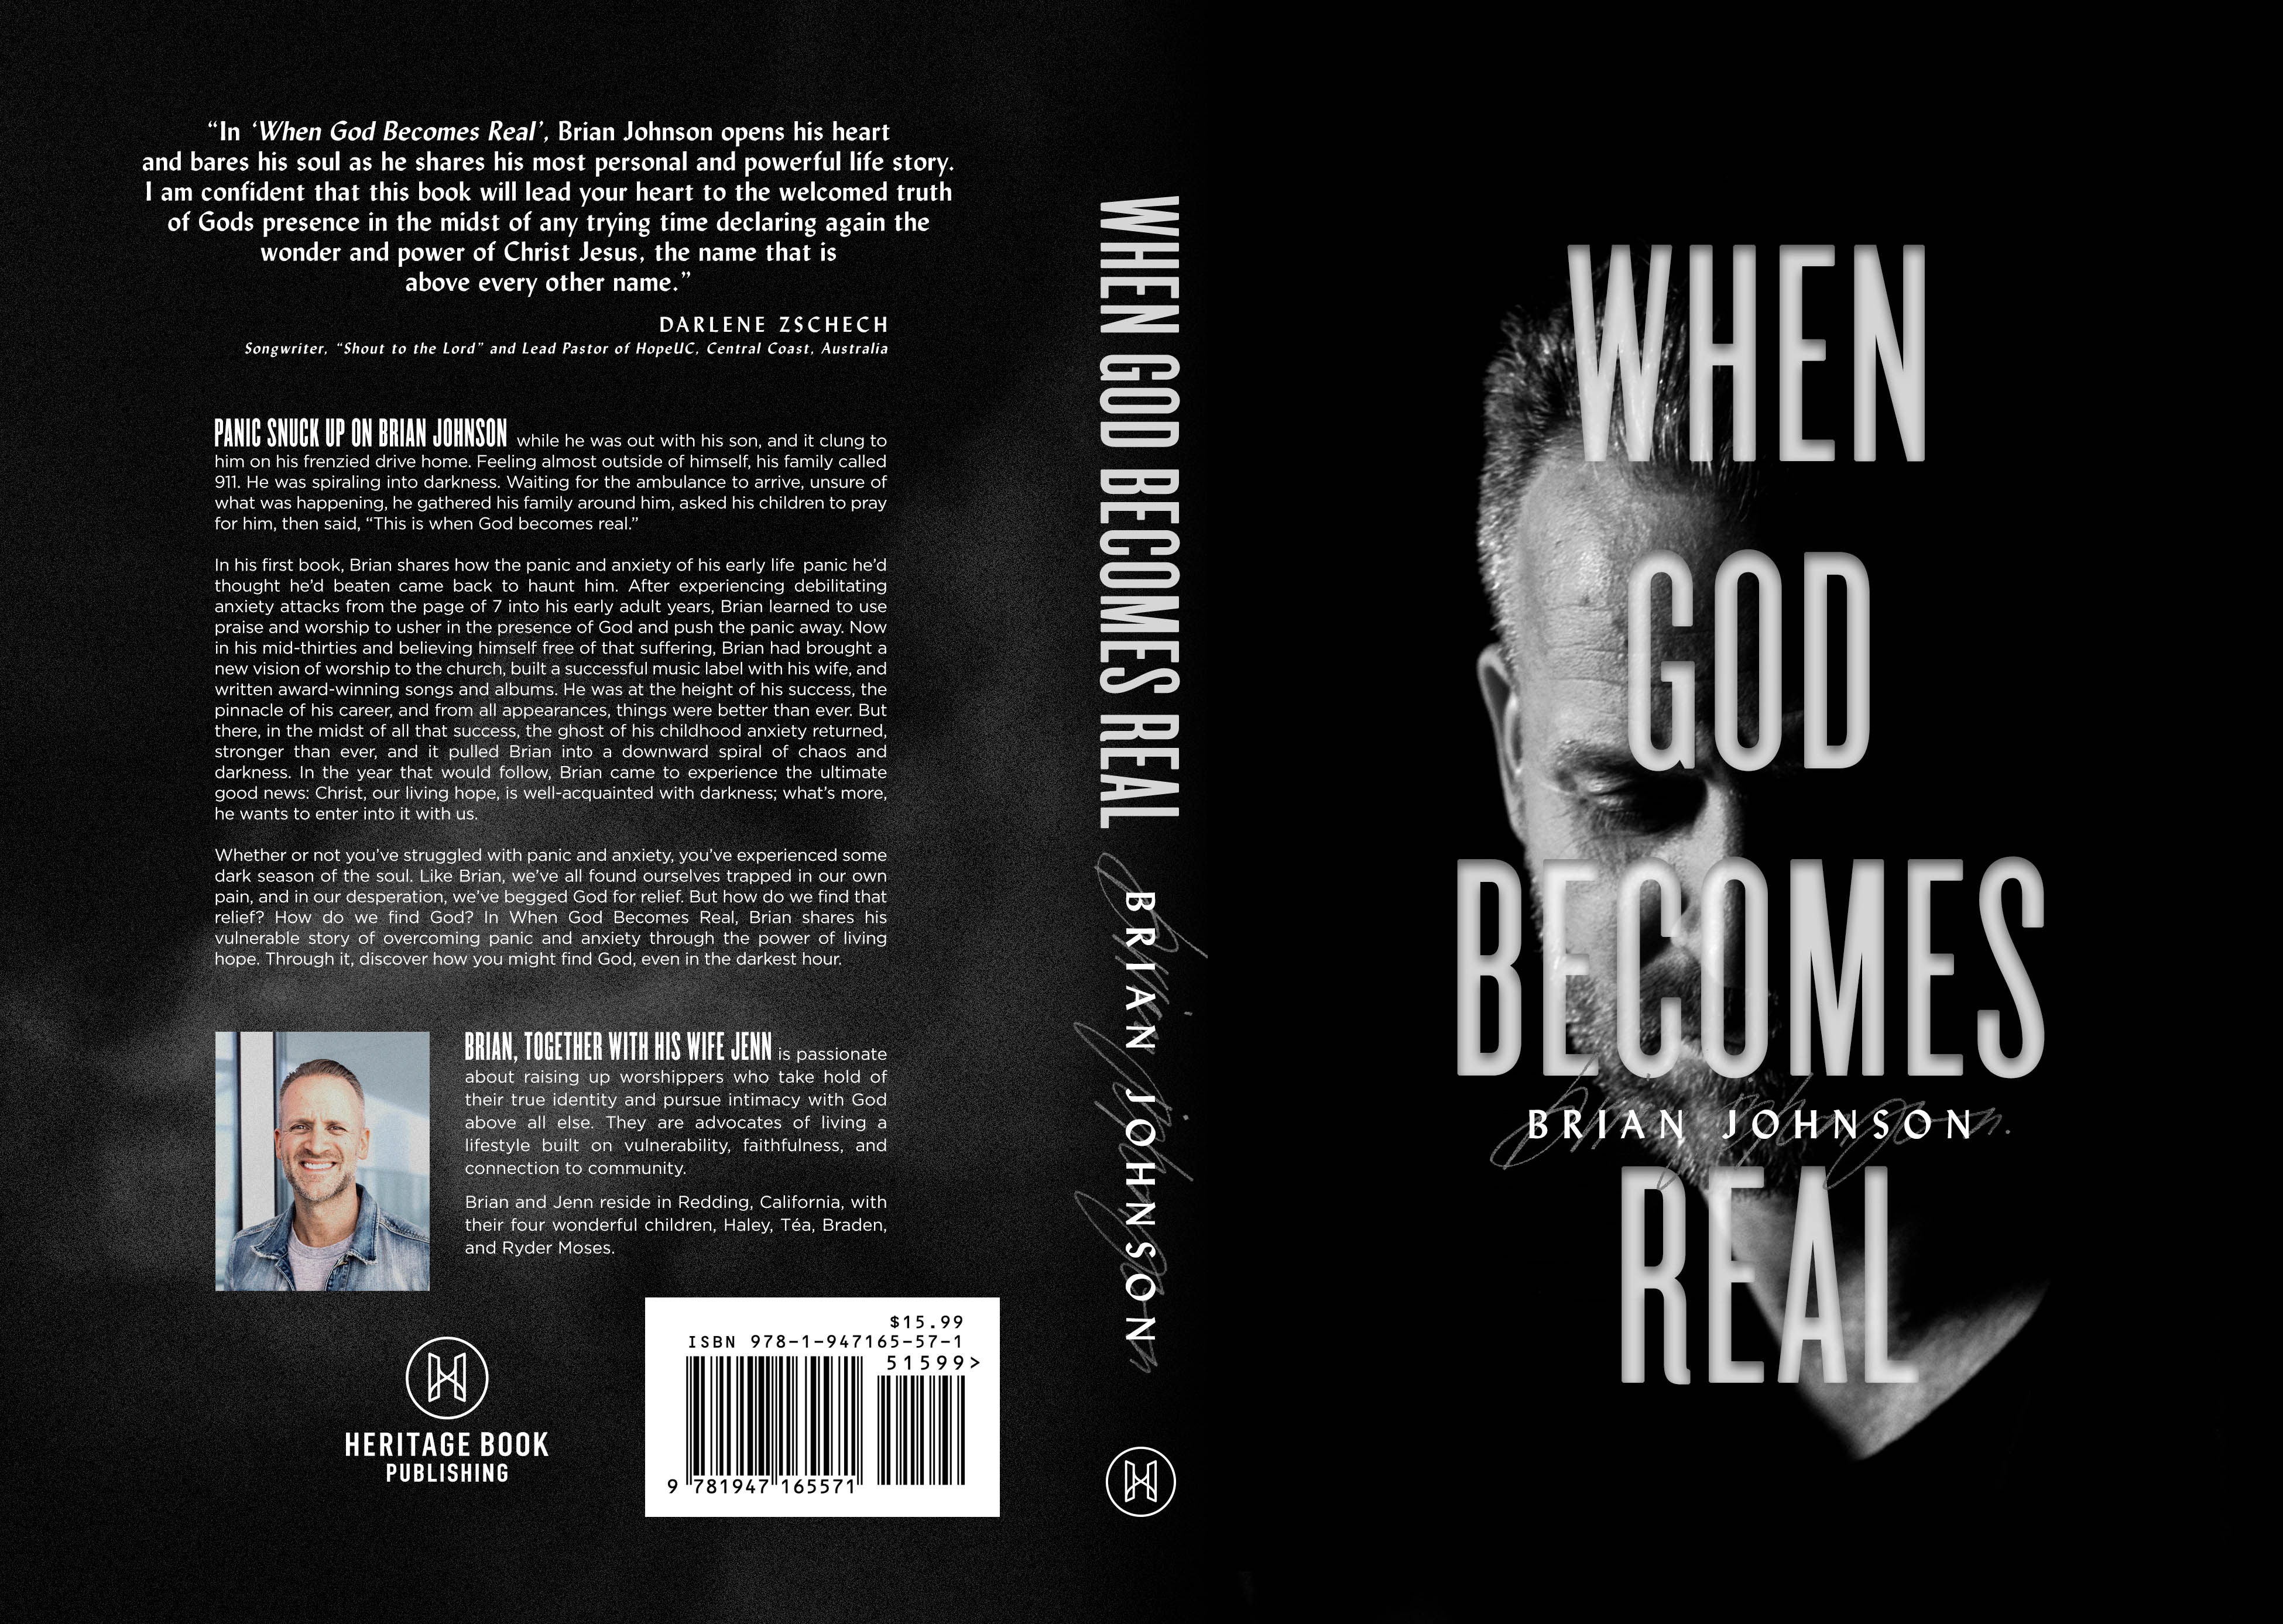 Final cover spread